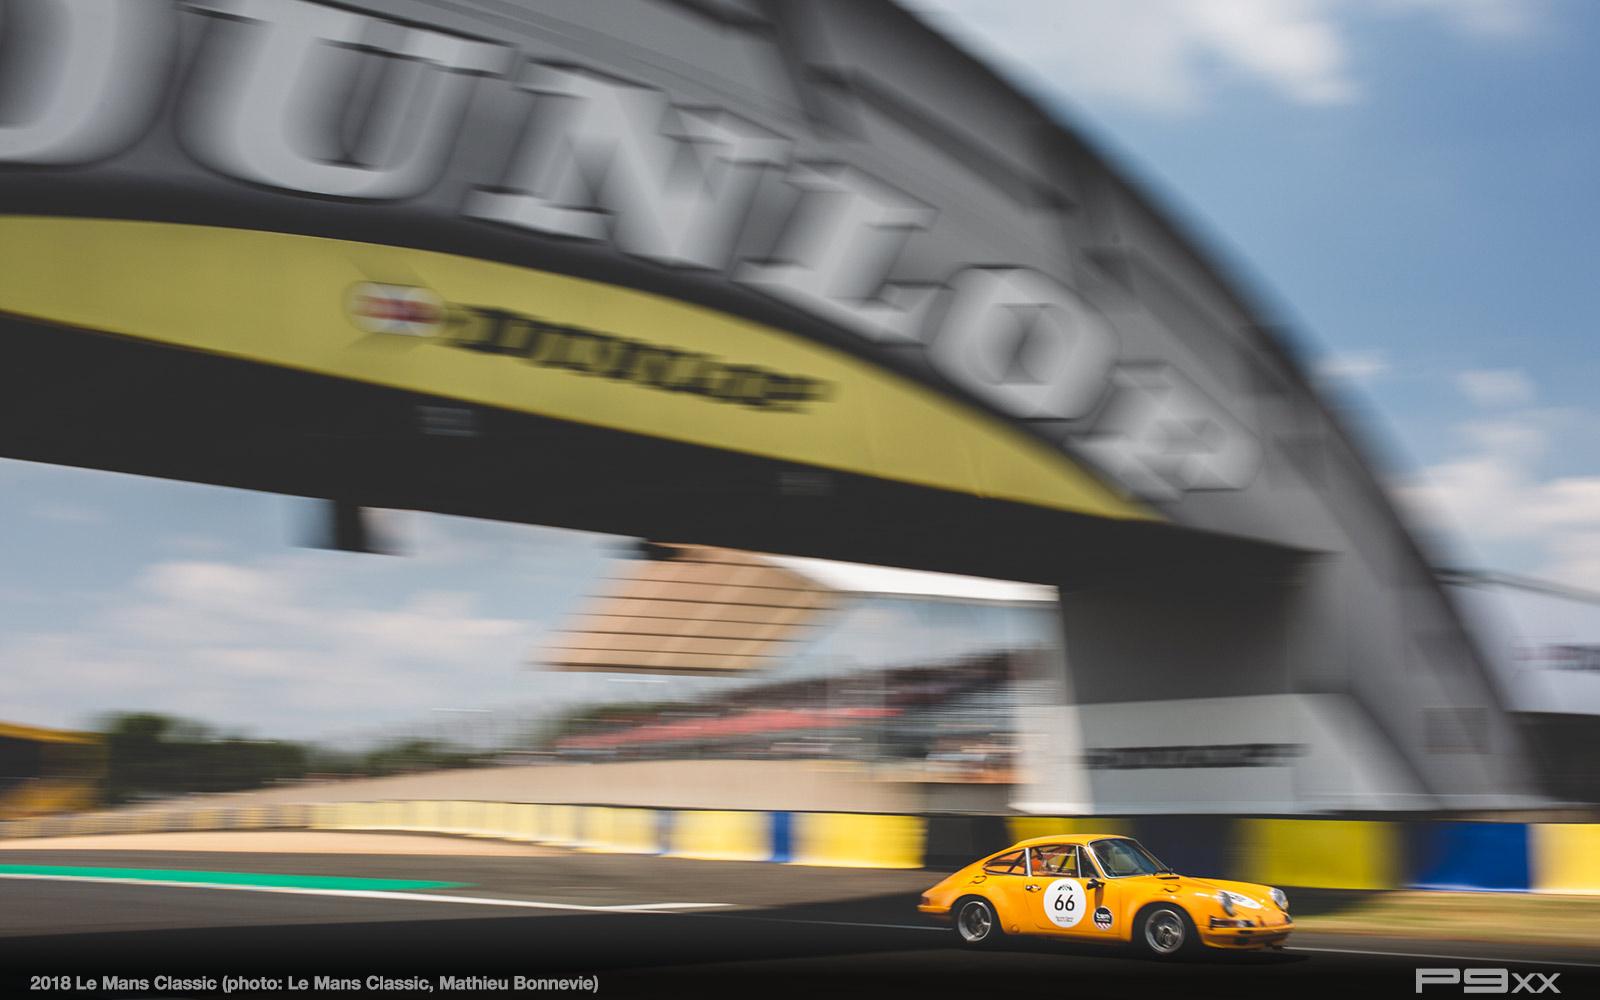 2018-Le-Mans-Classic-Porsche-321